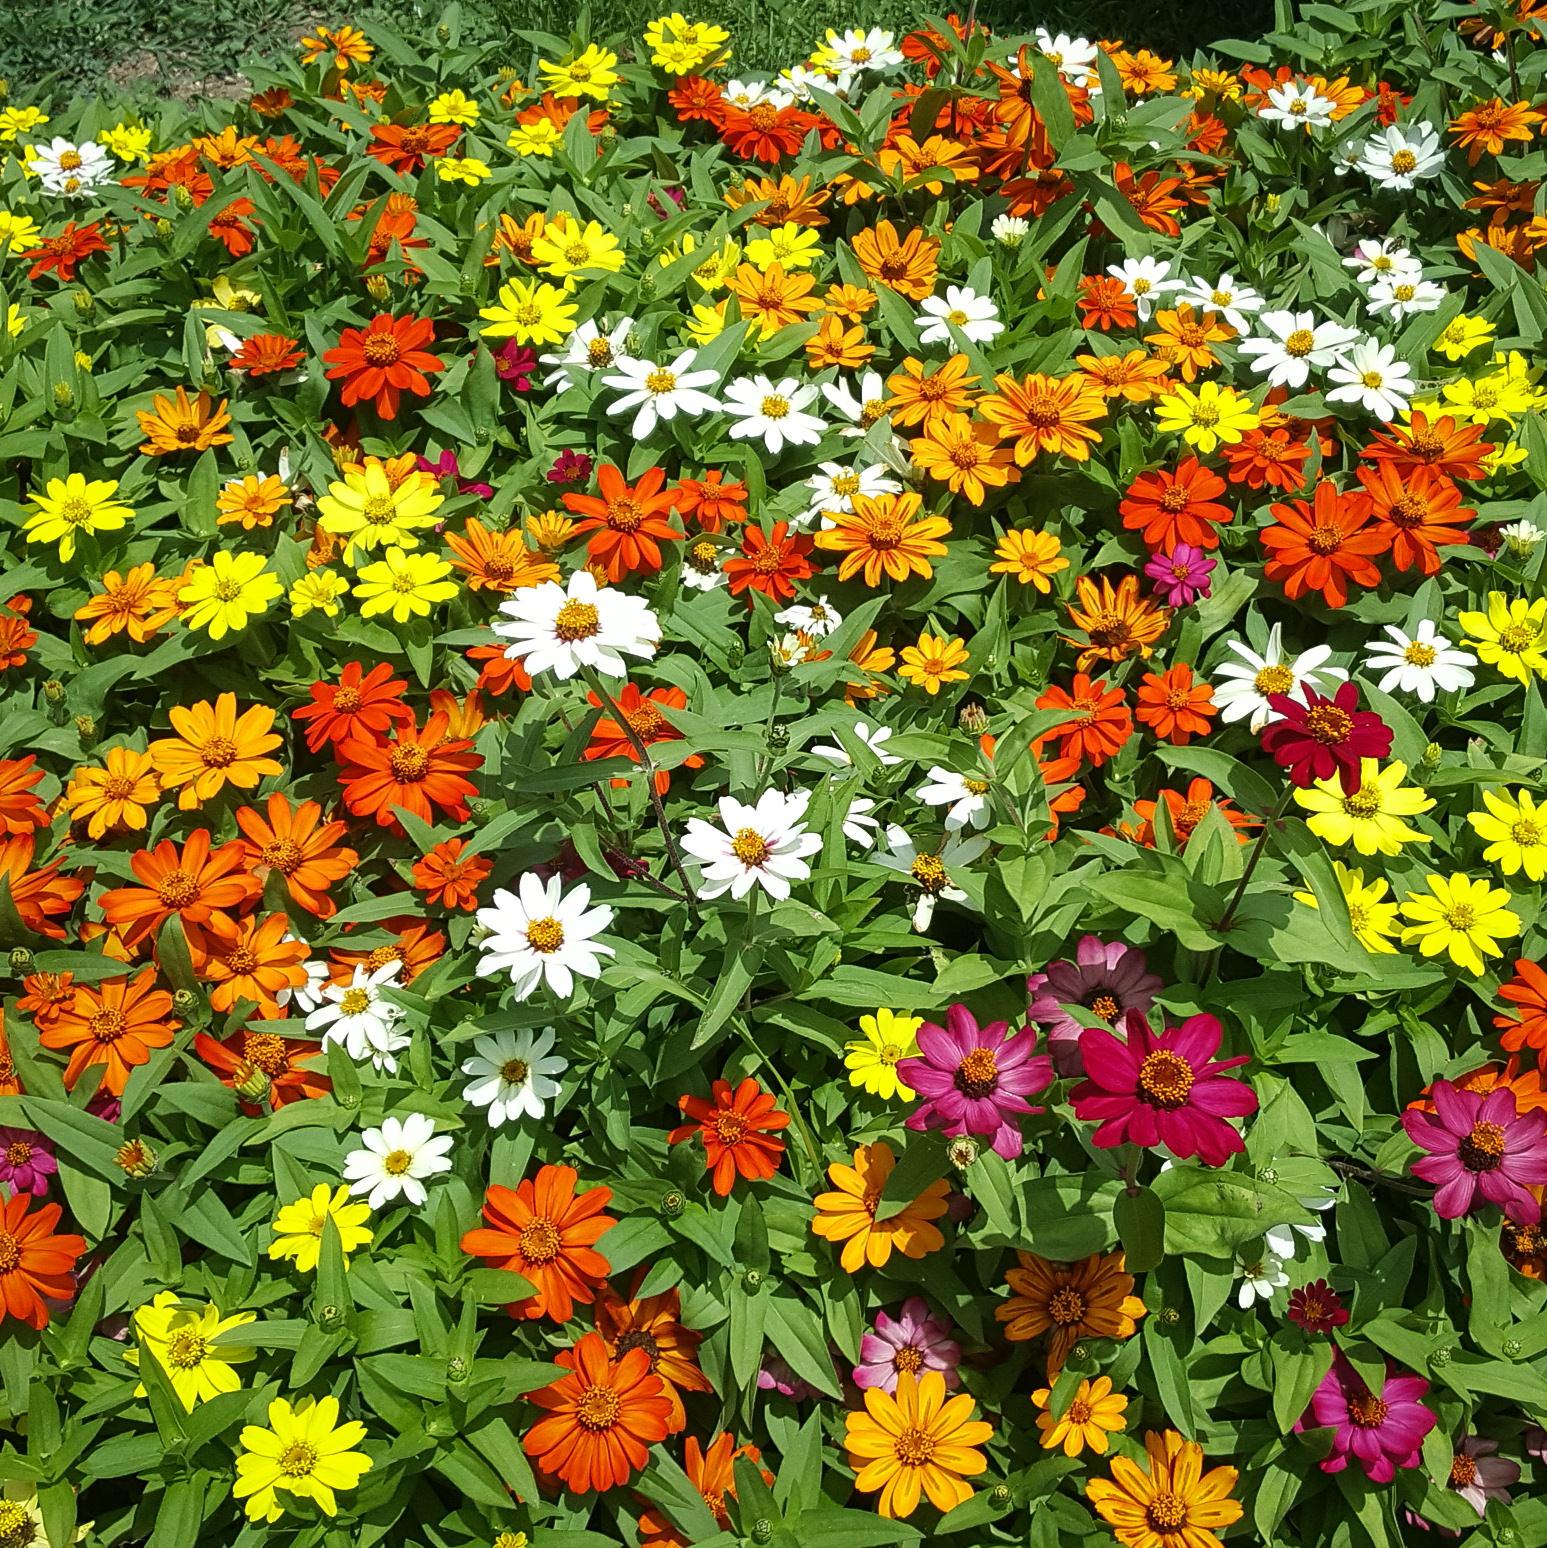 colourful-flowers-batumi-georgia.jpeg